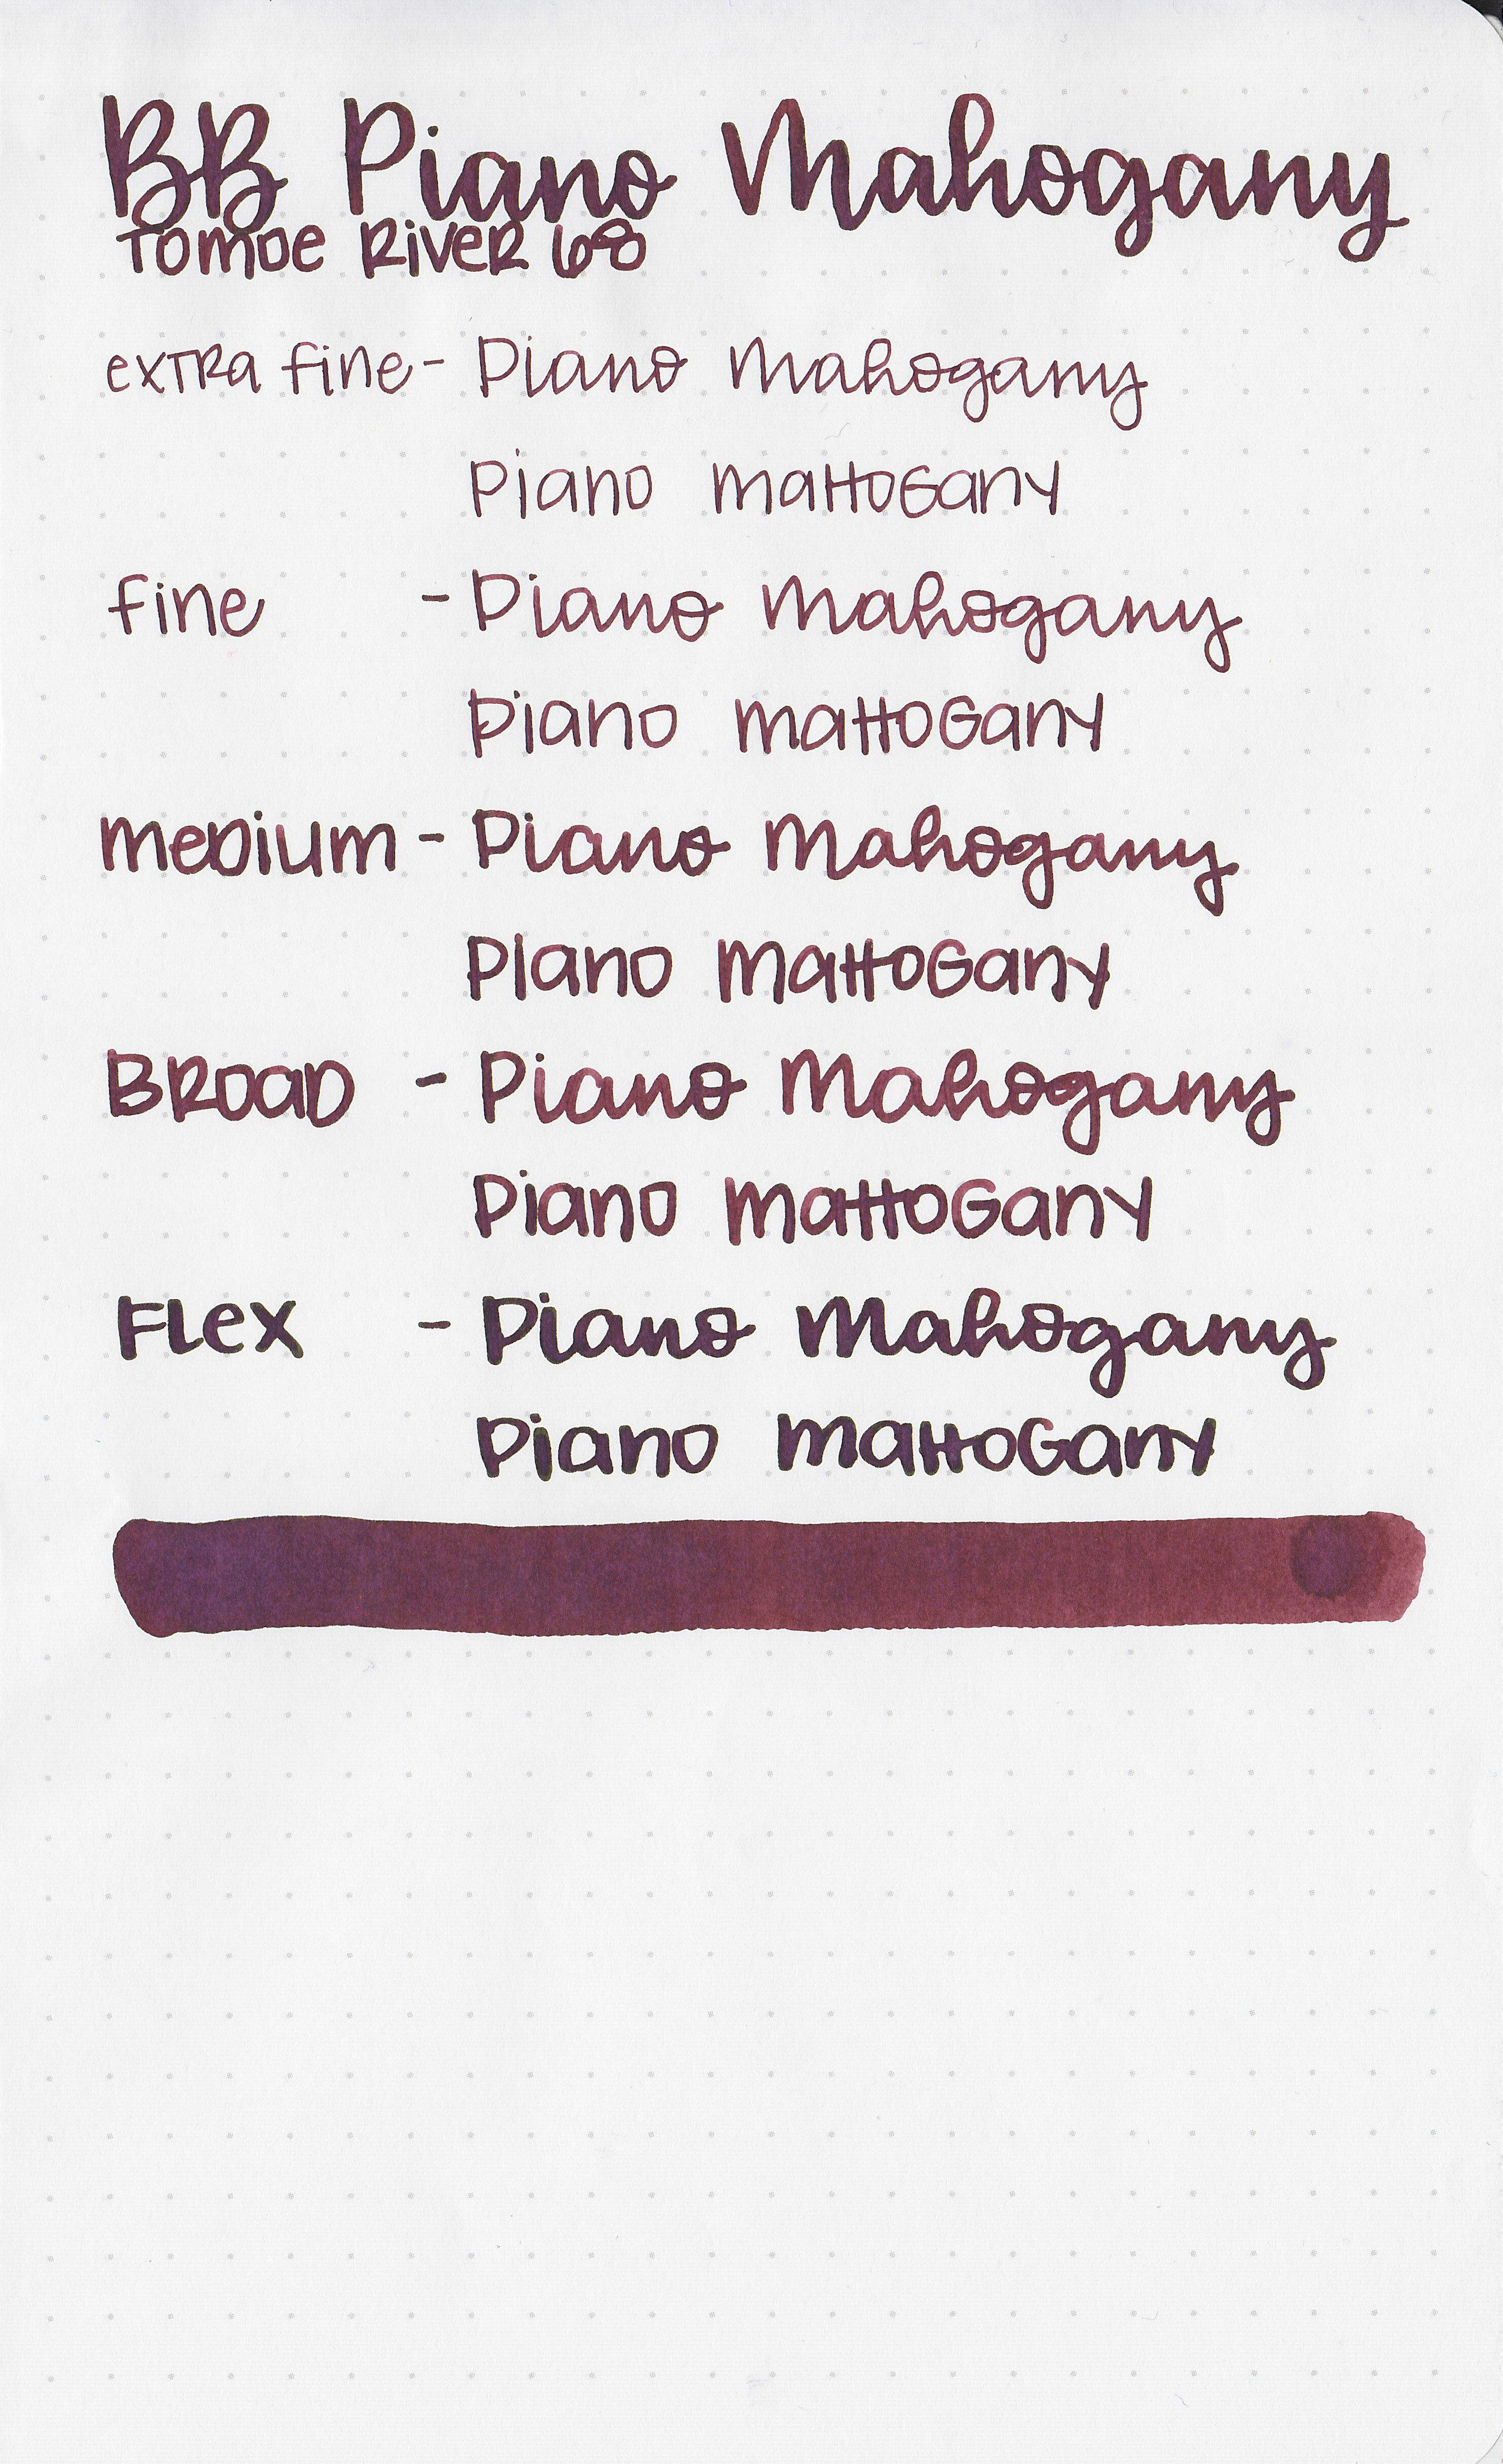 bb-piano-mahogany-9.jpg